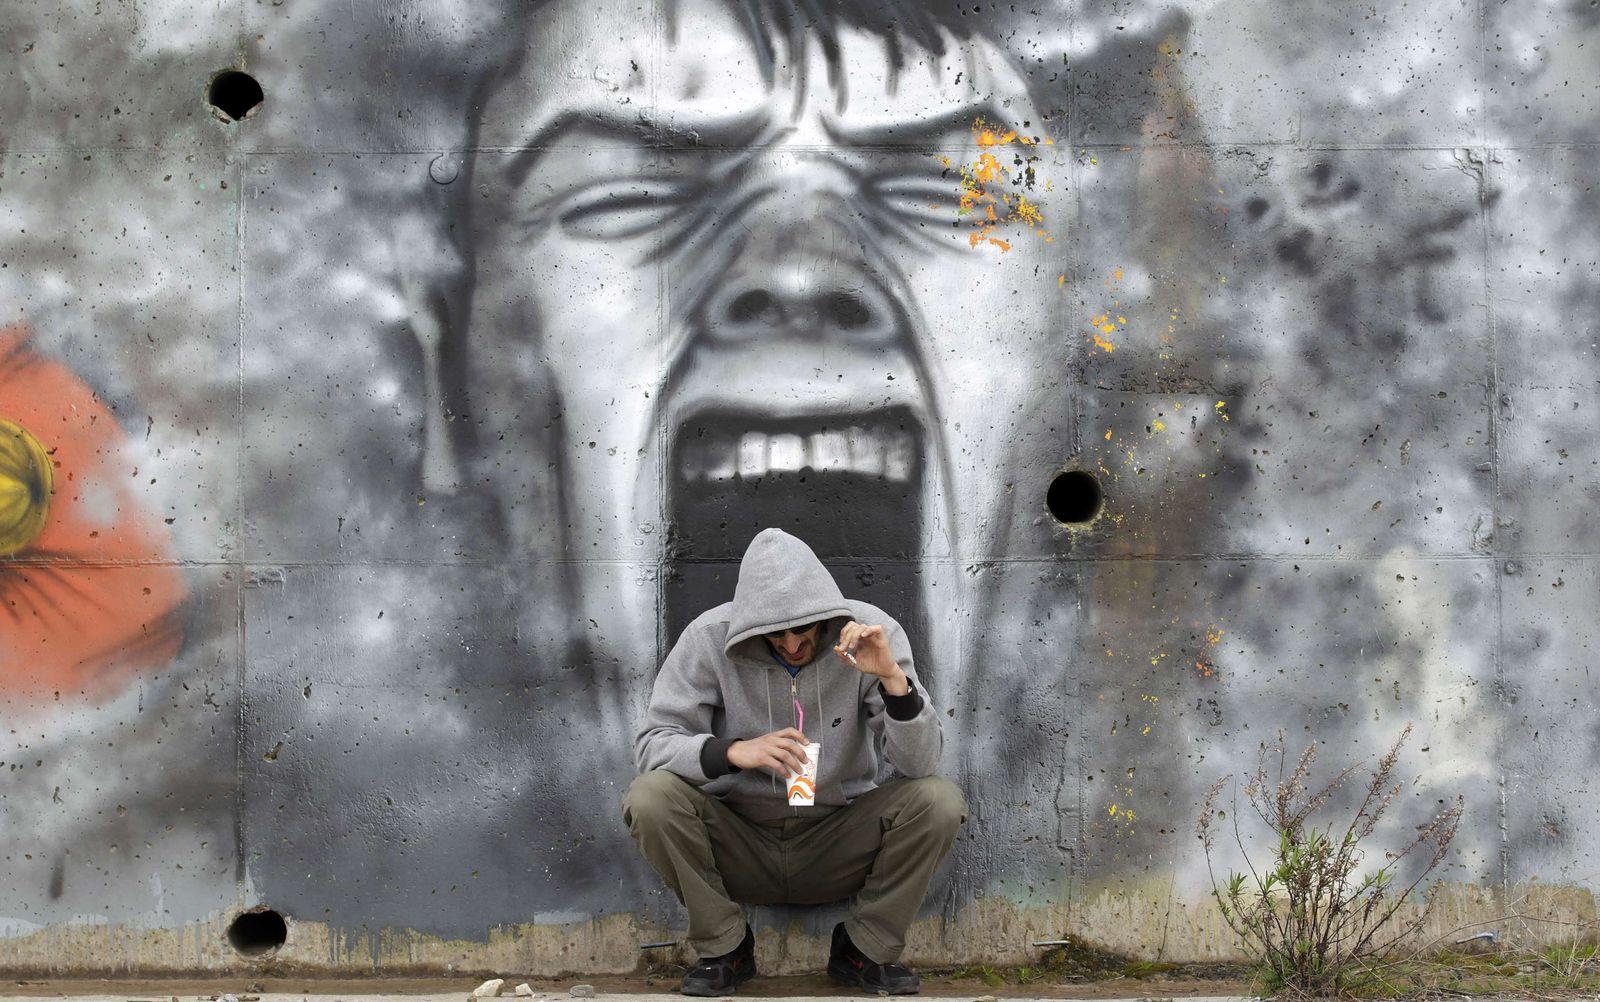 Wandmalerei Armut Jugendarbeitslosigkeit Griechenland